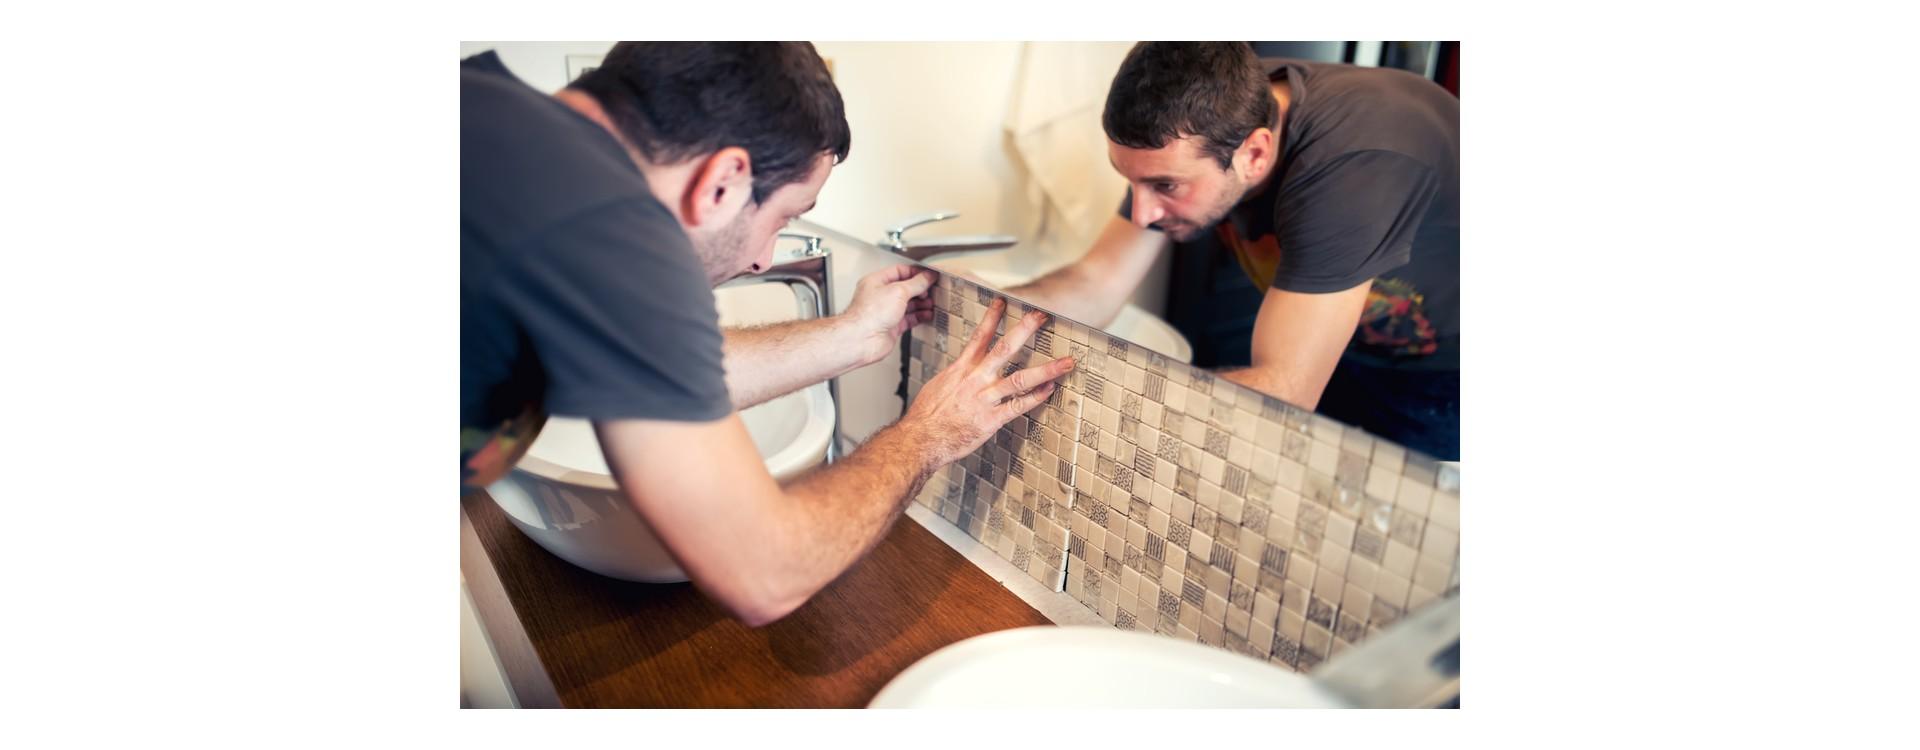 Amenajarea băii: cum alegi mobila și decorațiunile